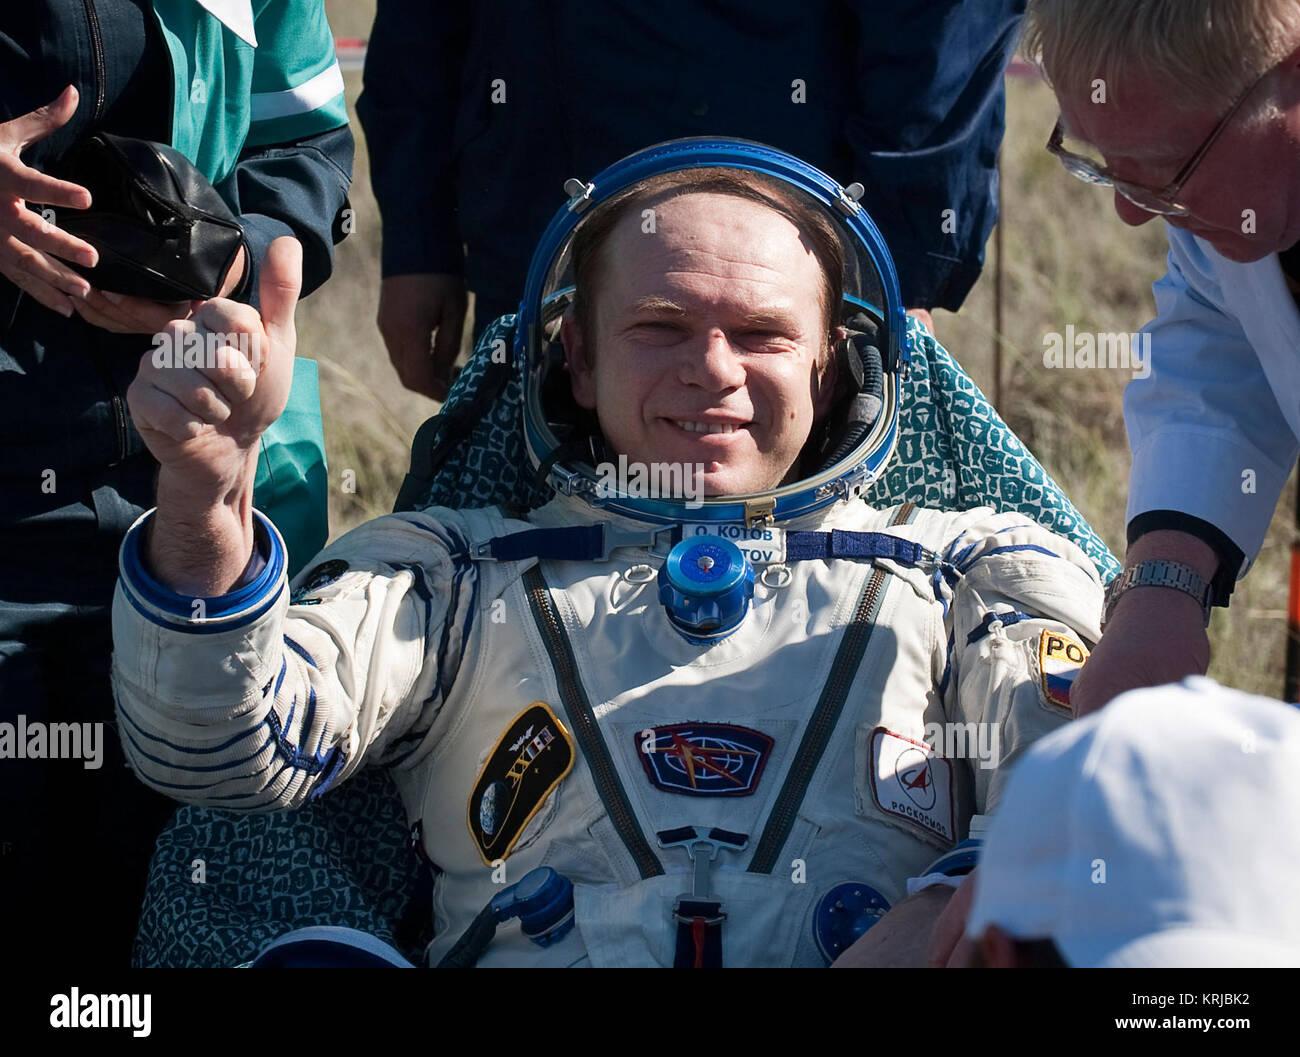 Le commandant de l'expédition 23 Oleg Kotov est vu assis sur une chaise à l'extérieur de Photo Stock